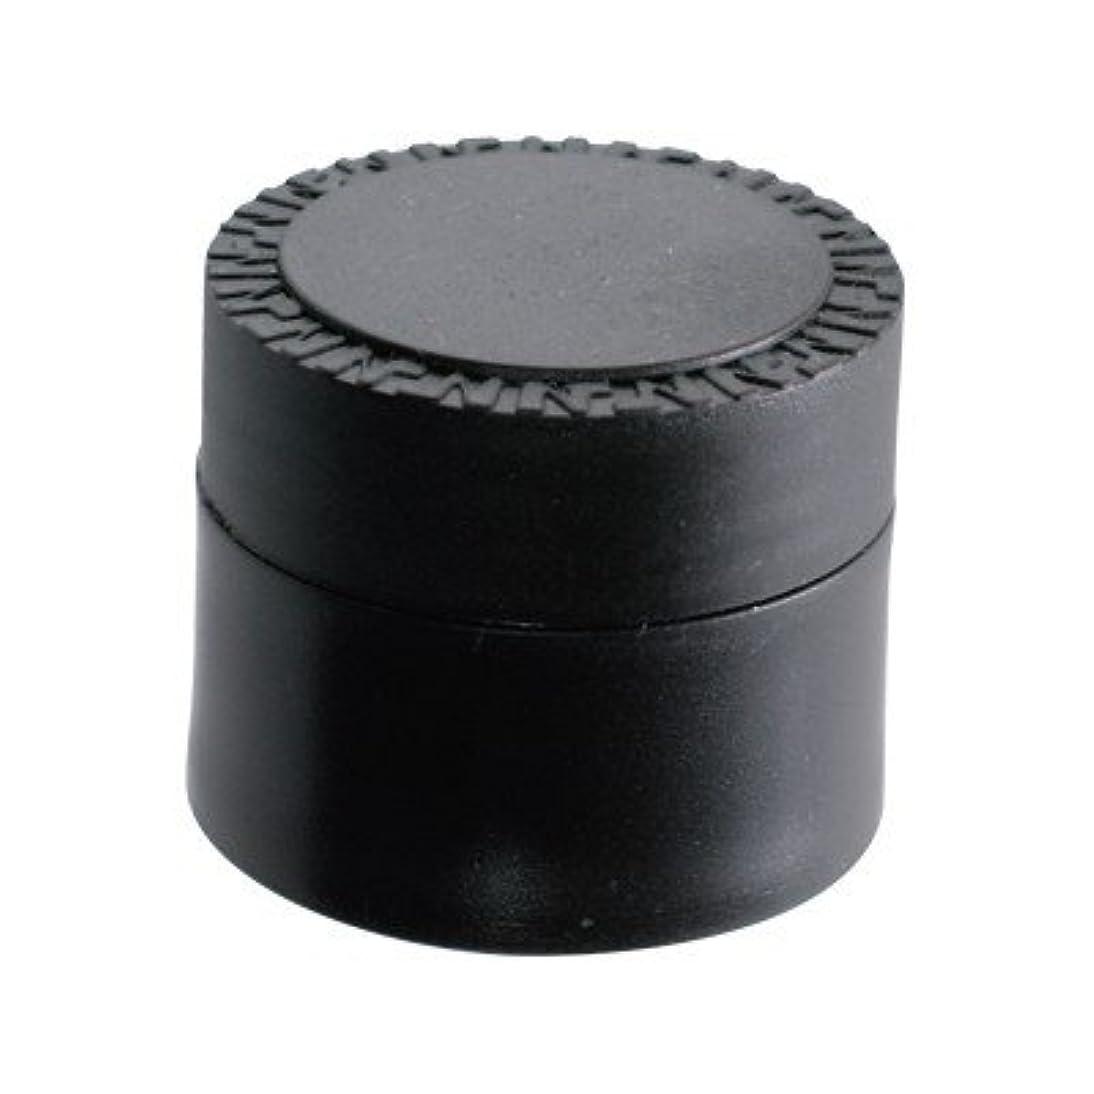 役割調停者ブルゴーニュNFS メルティージェル 空容器 黒 18g